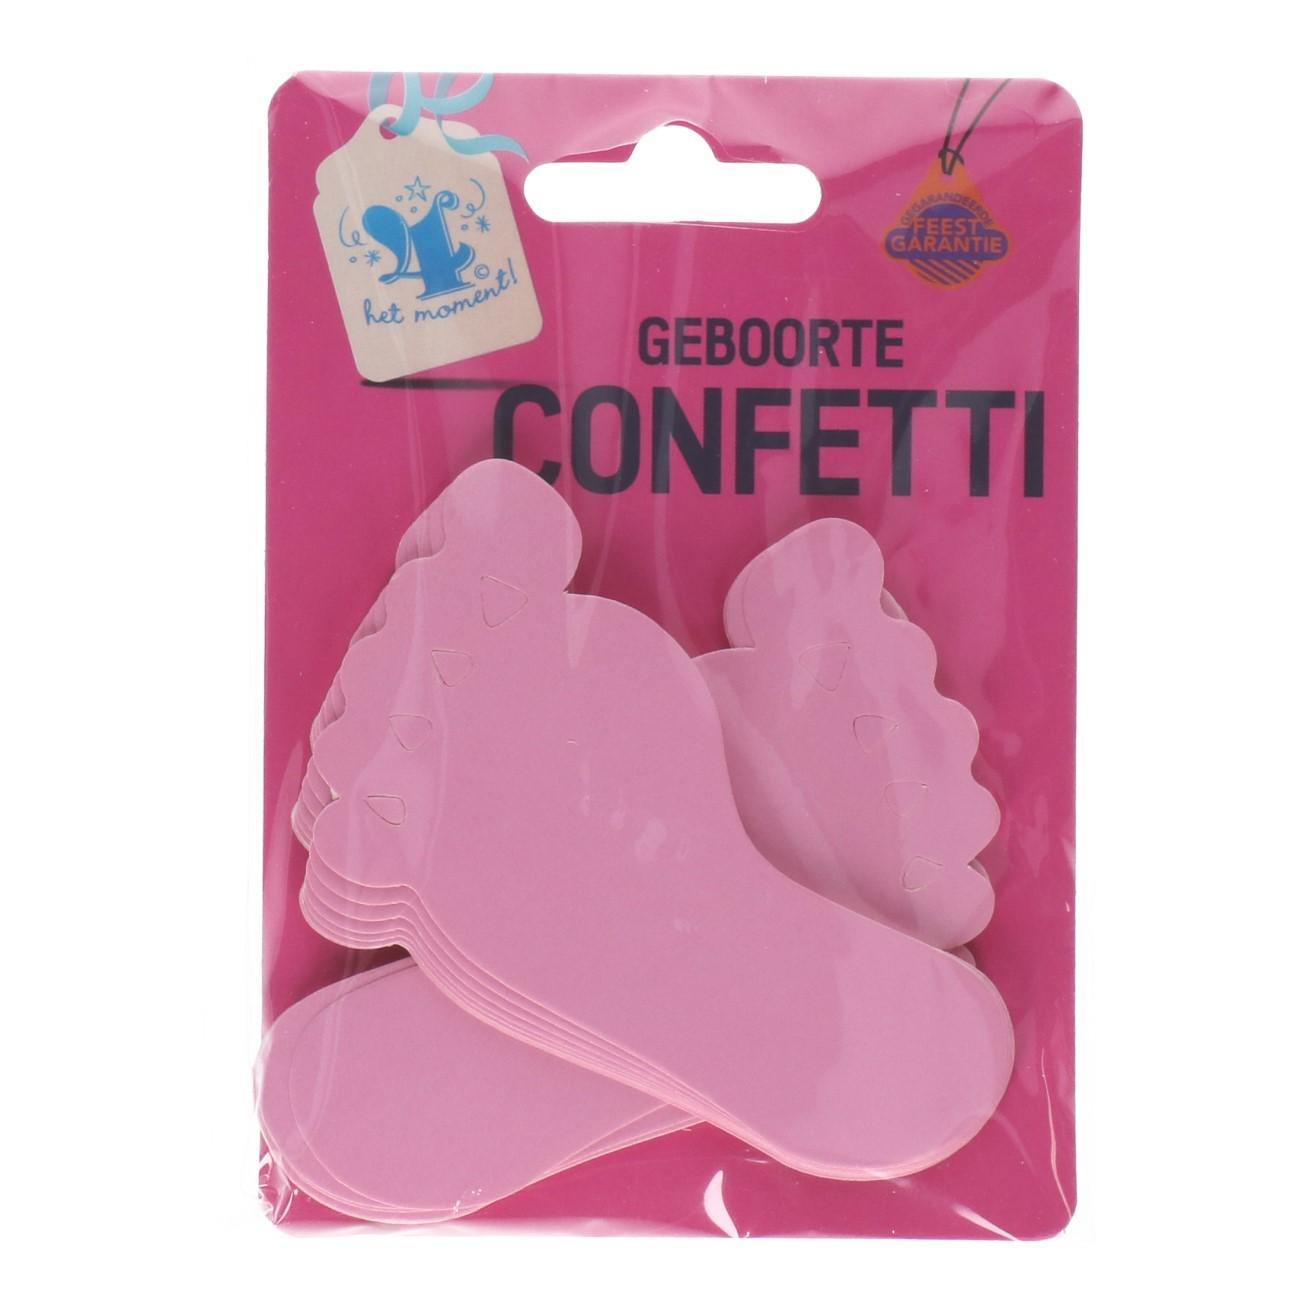 Geboorte confetti voetjes roze